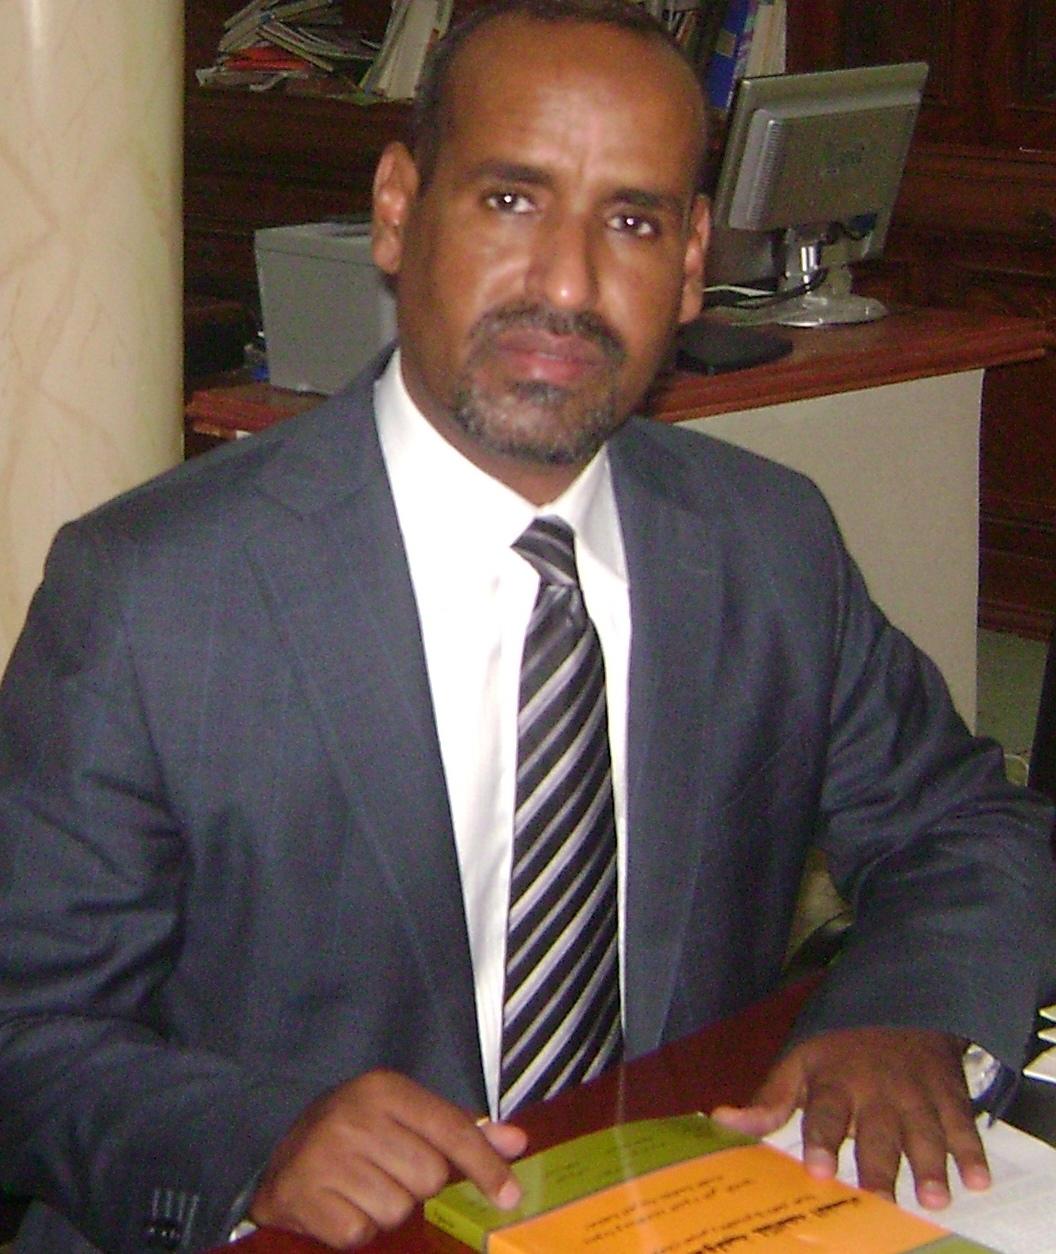 المحامي/ محمد سيدي ابراهيم